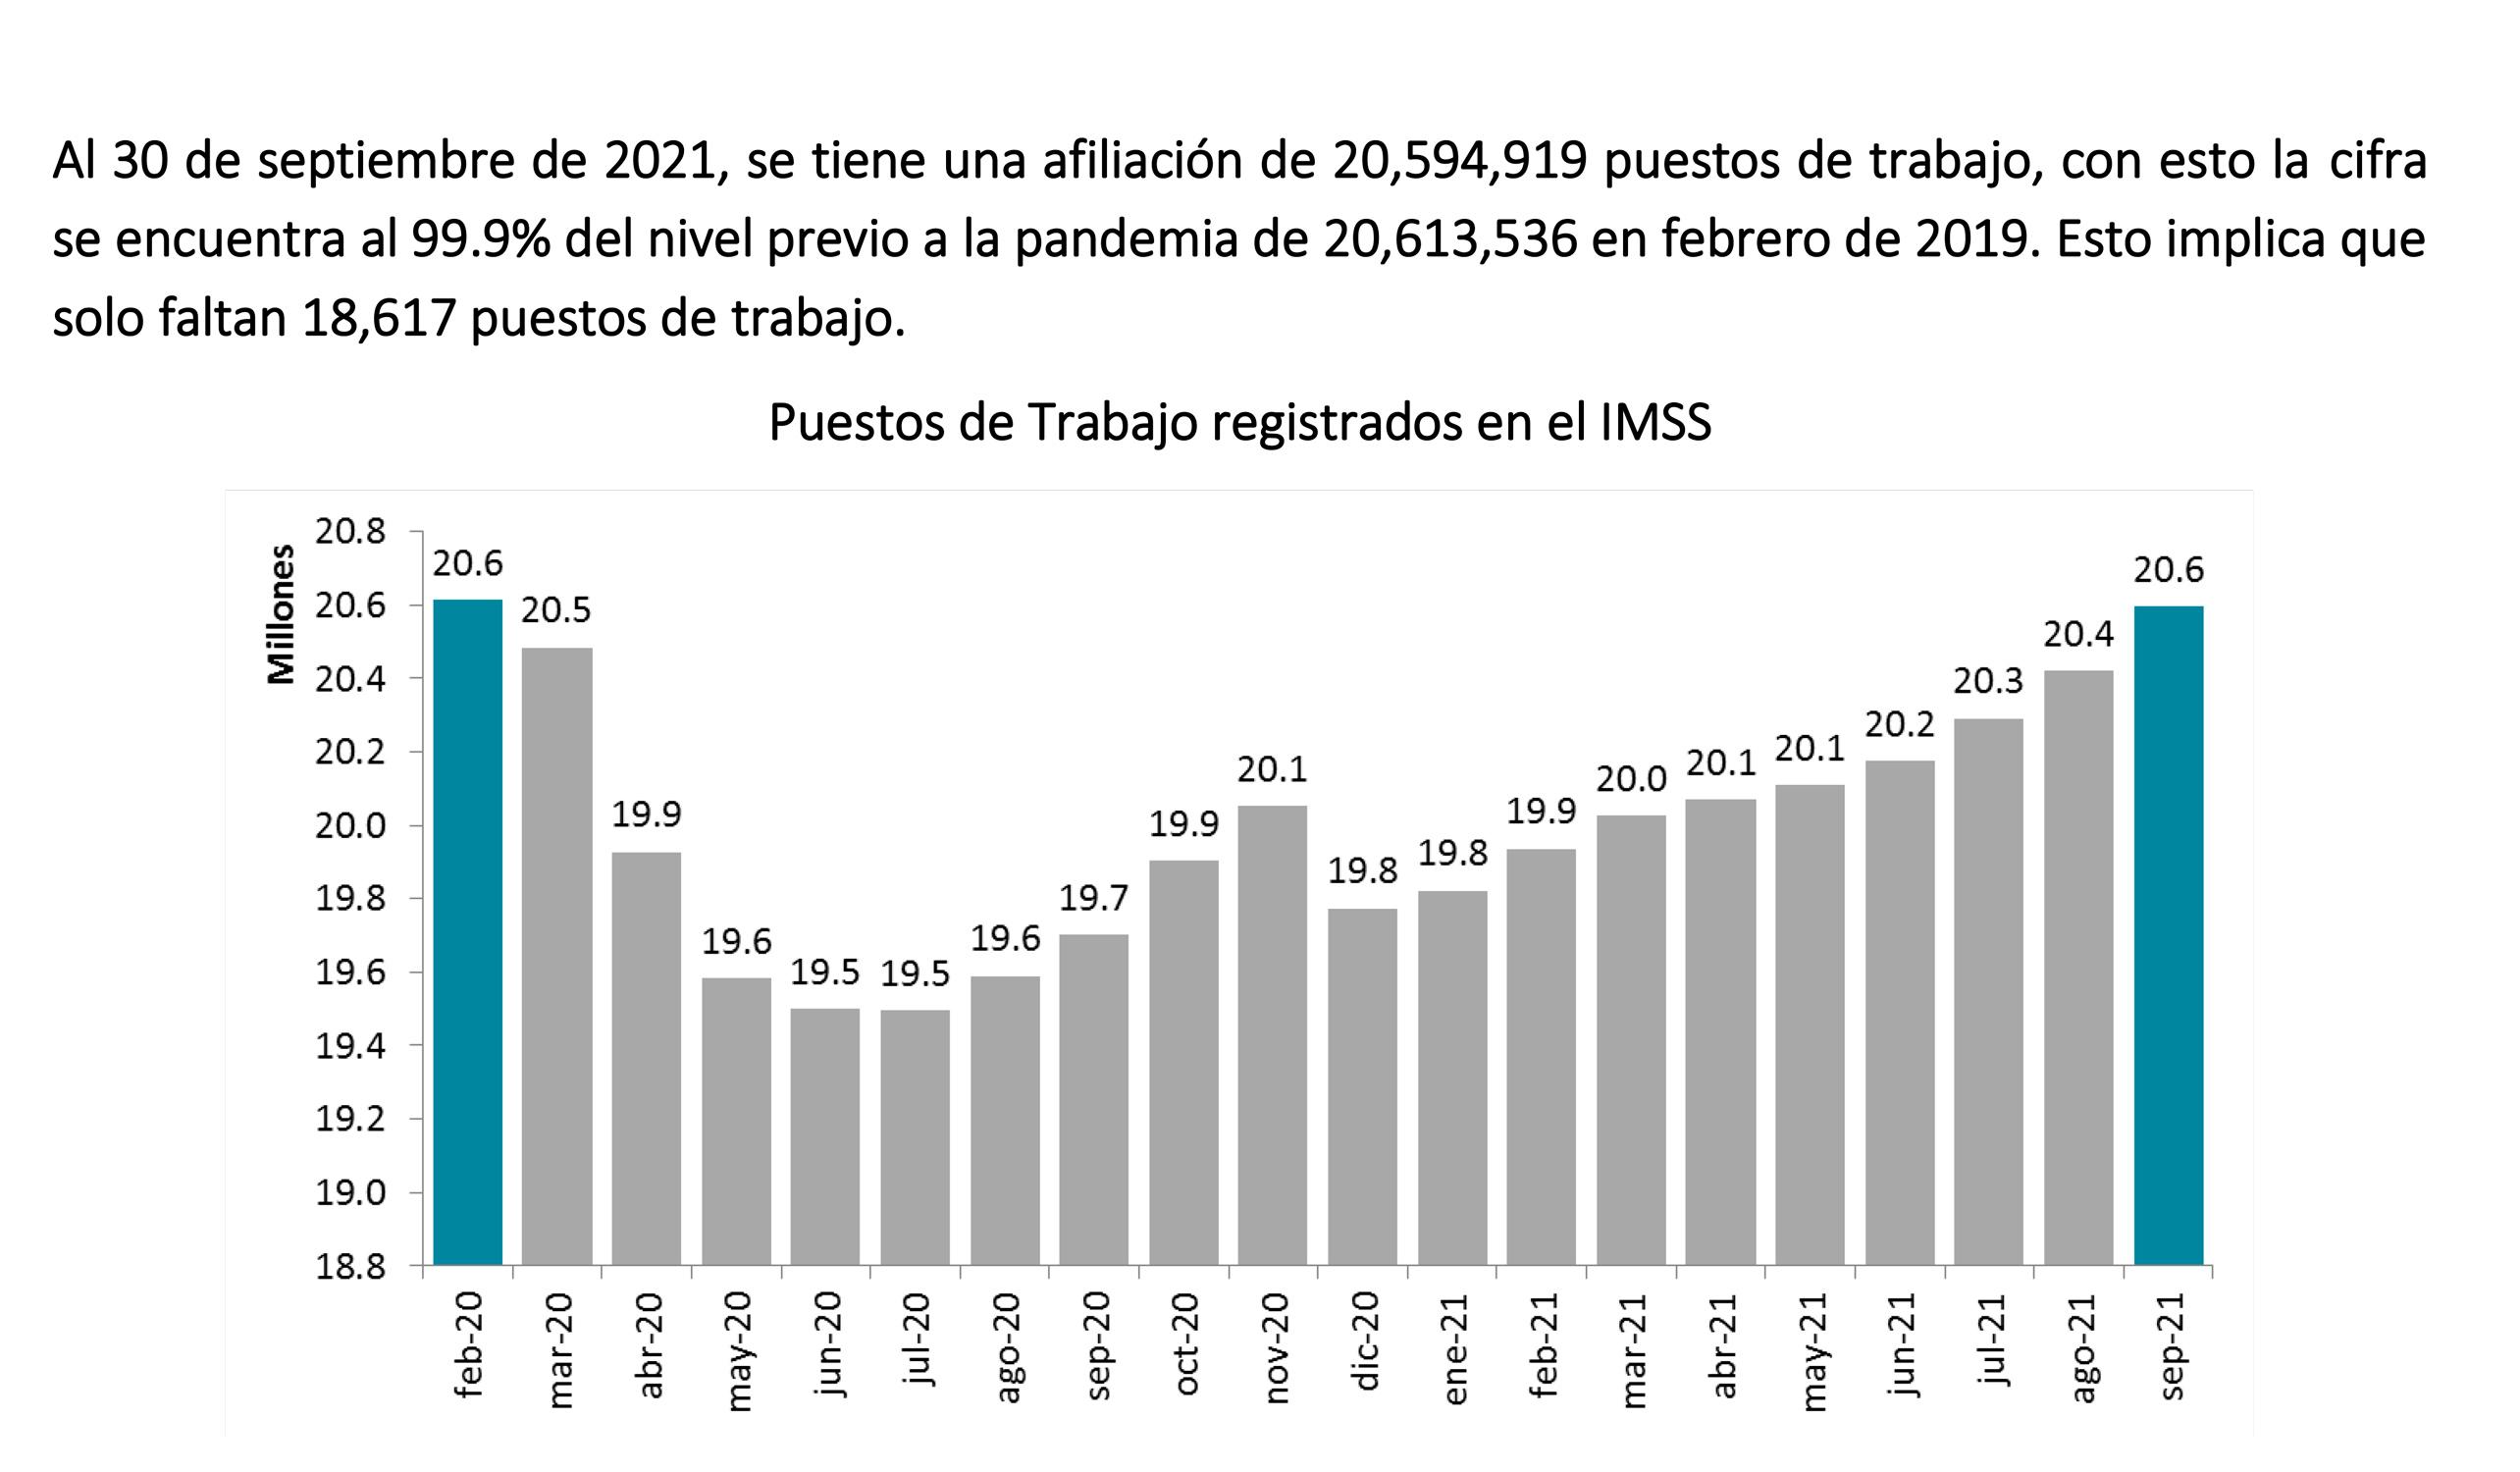 AMLO presume recuperación del empleo a niveles anteriores a la pandemia